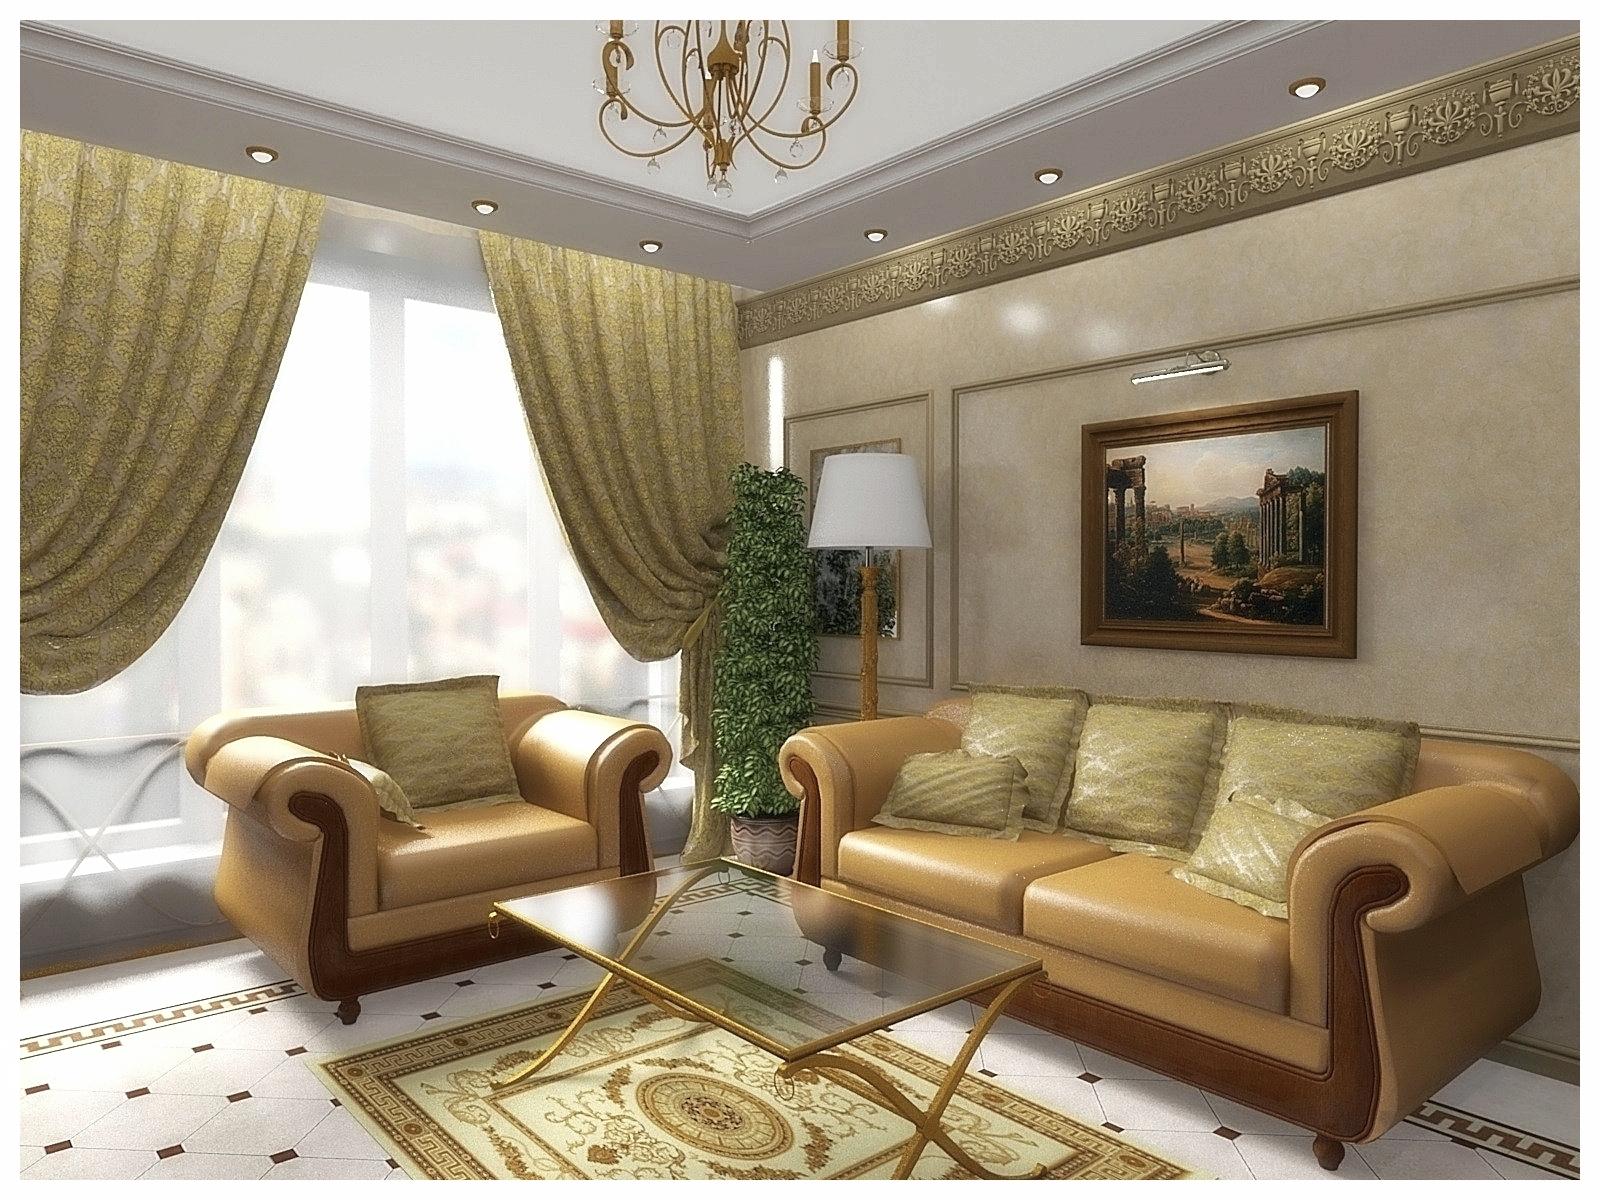 Дизайн интерьеров квартир. Гостиная 1.